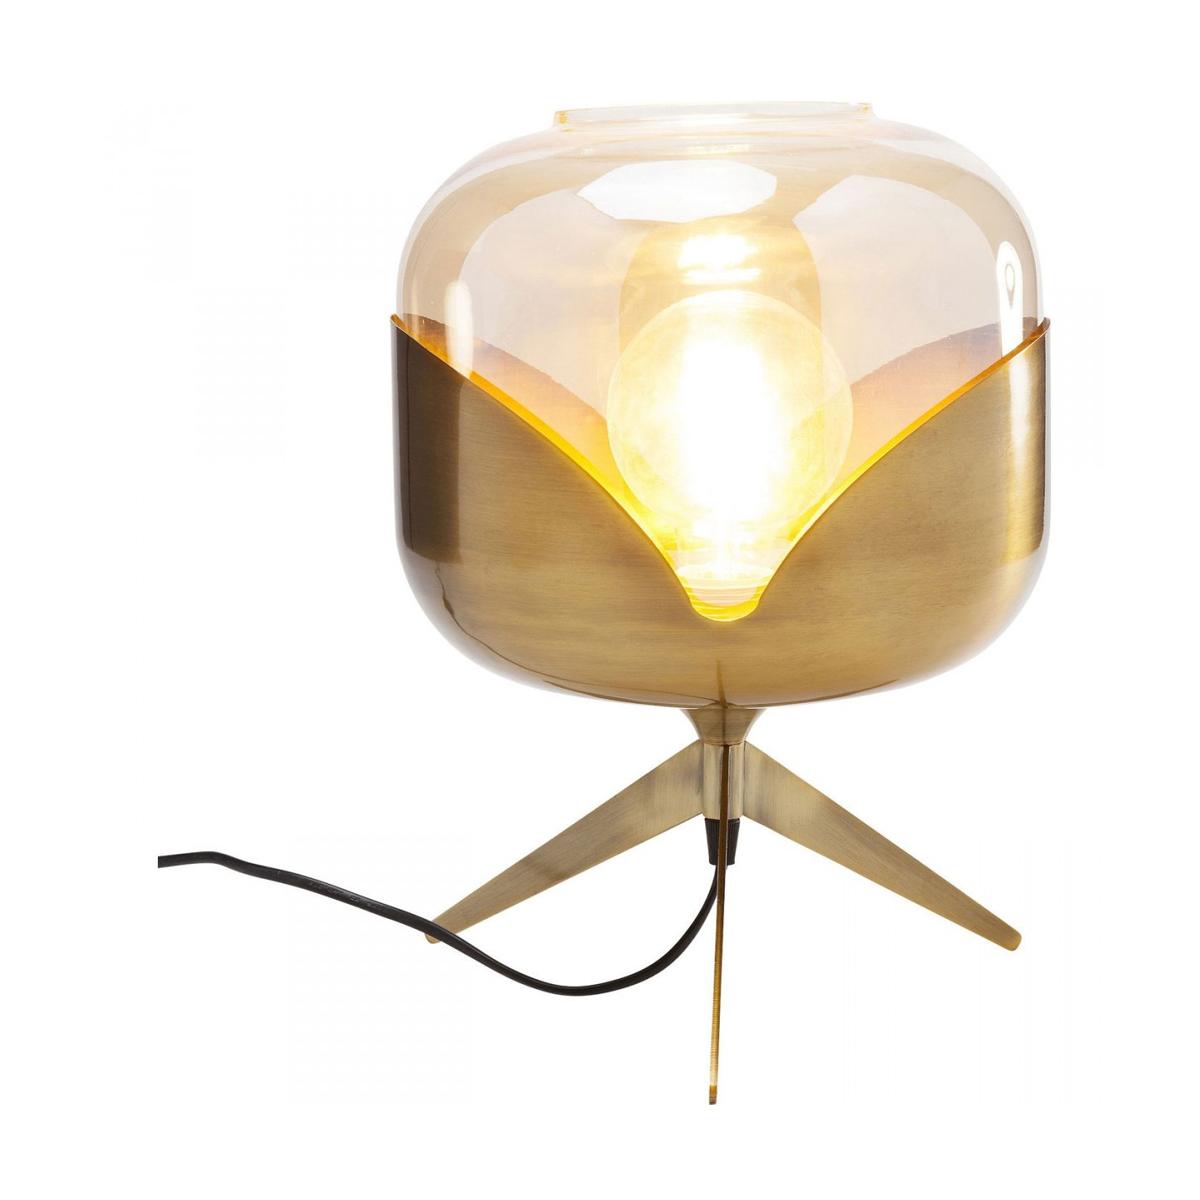 Retro design tafellamp